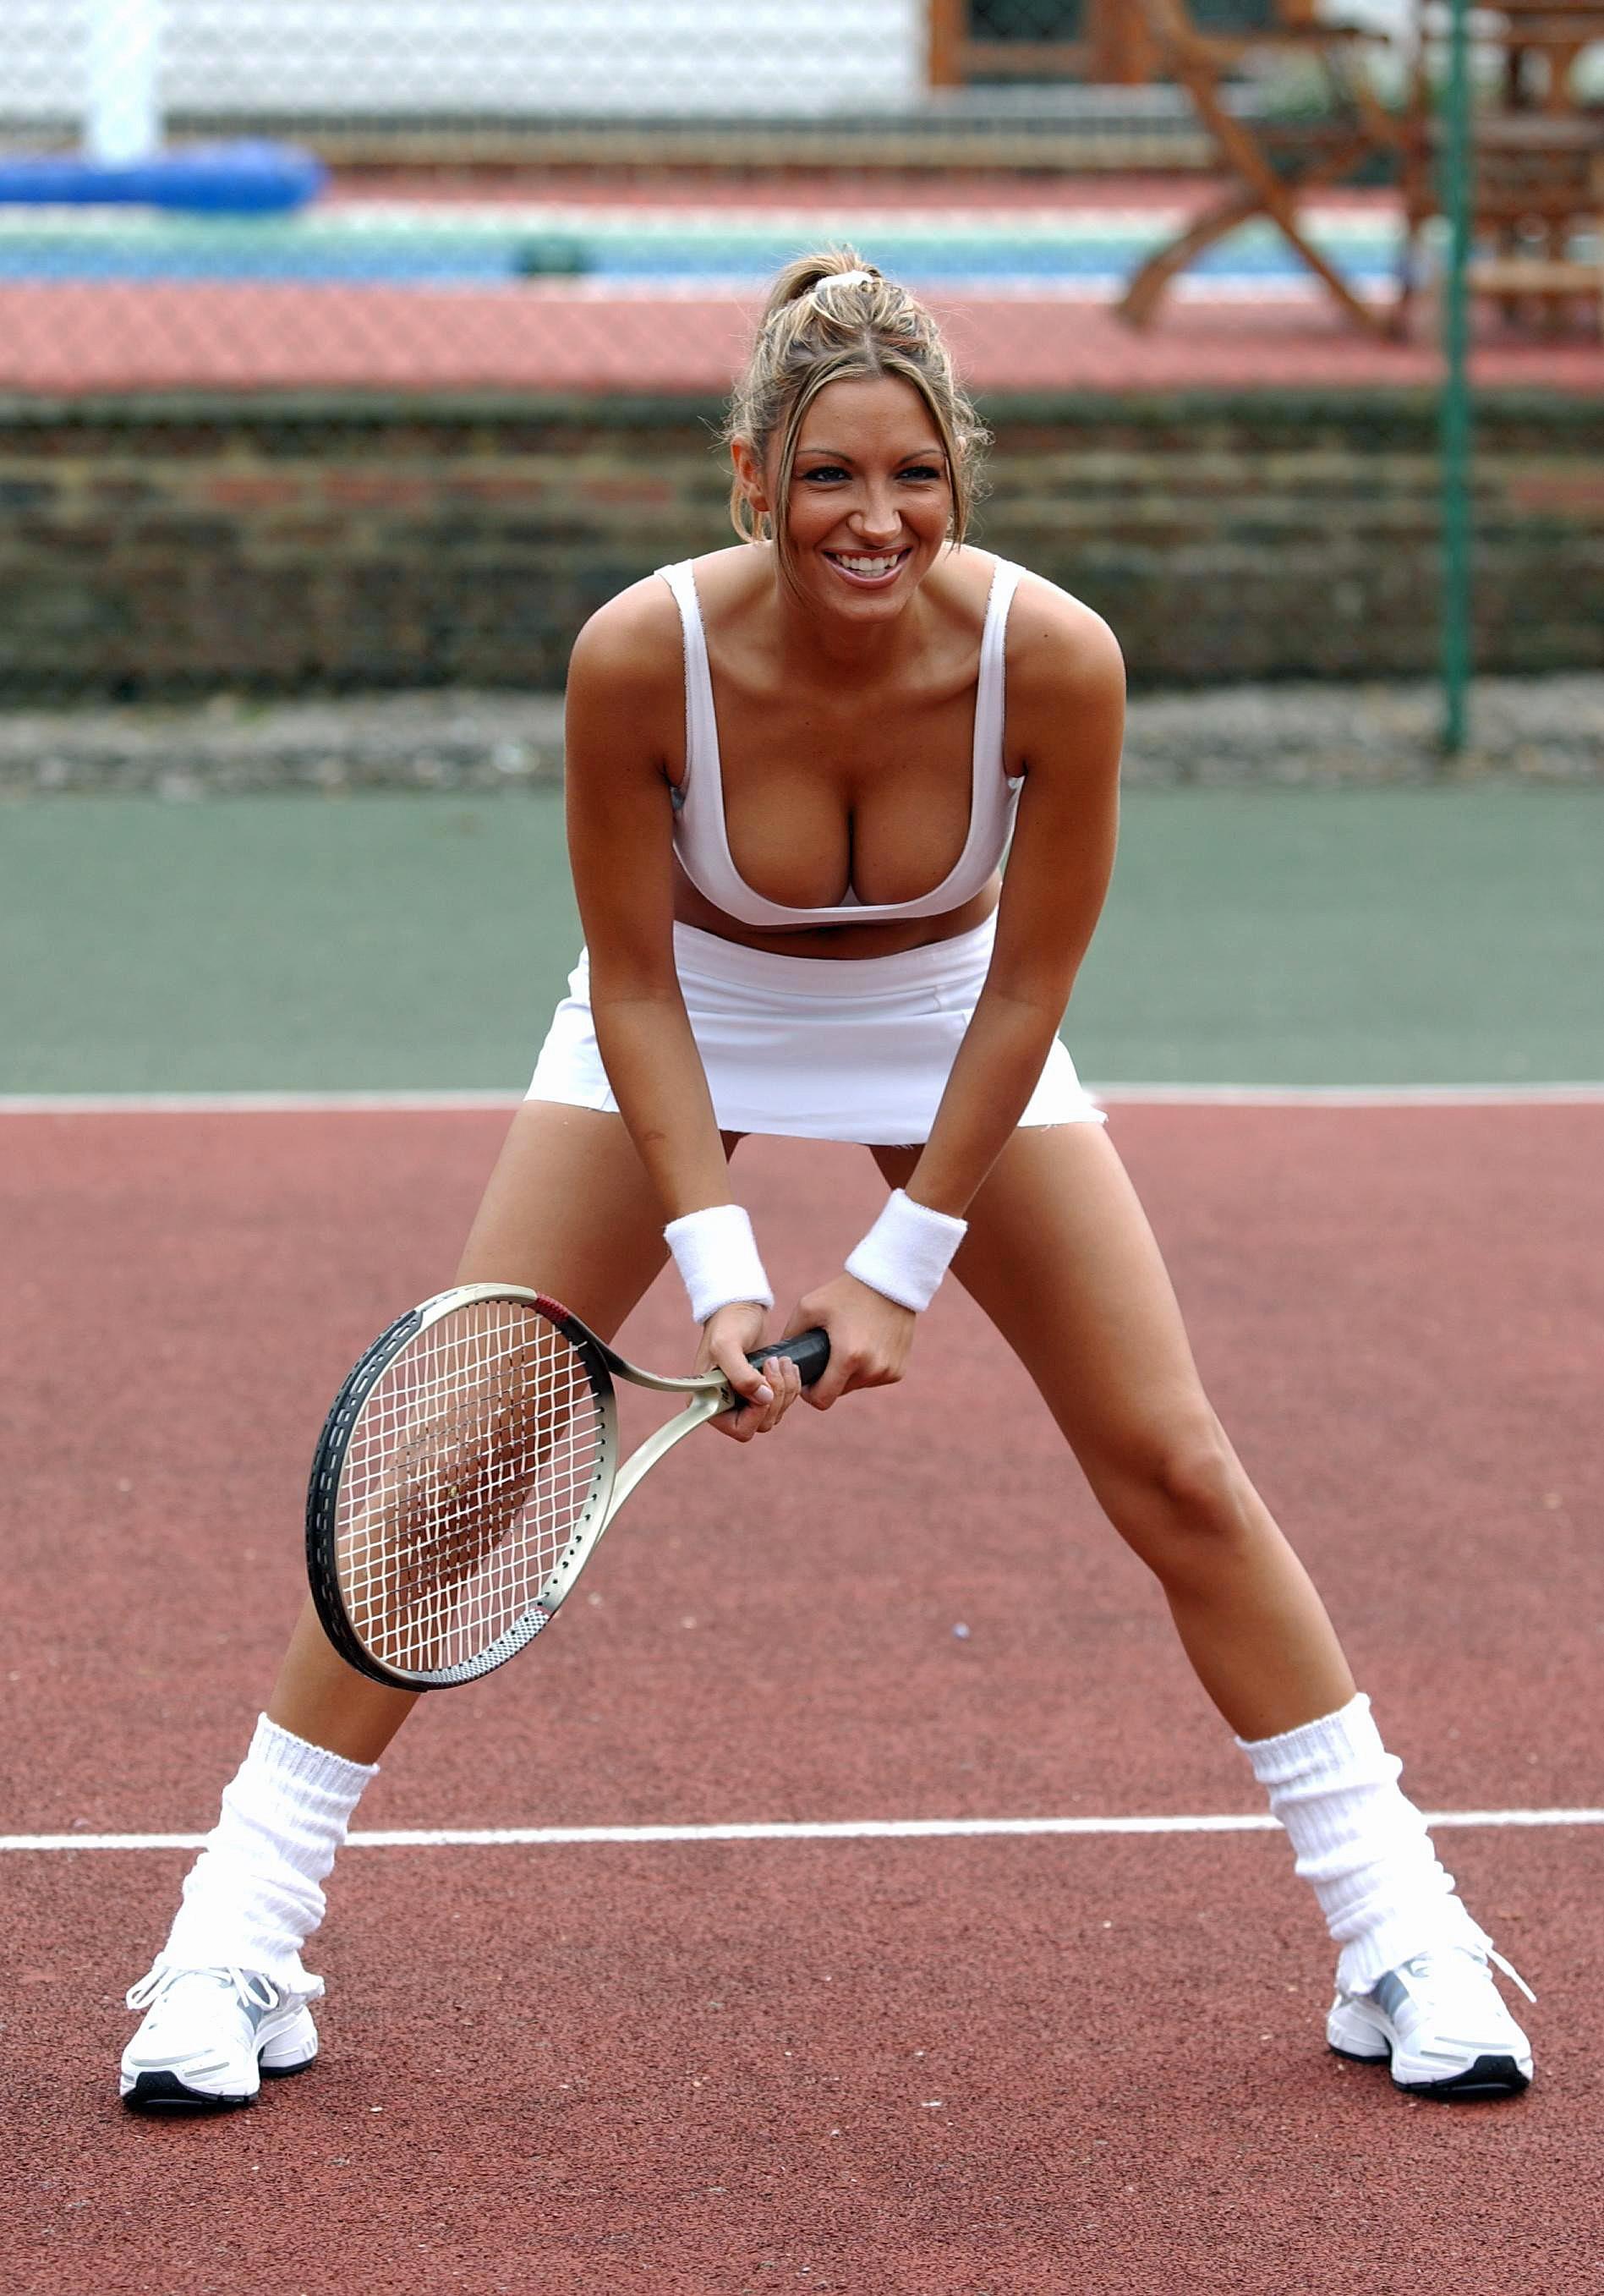 теннисистки в чулках общем просто